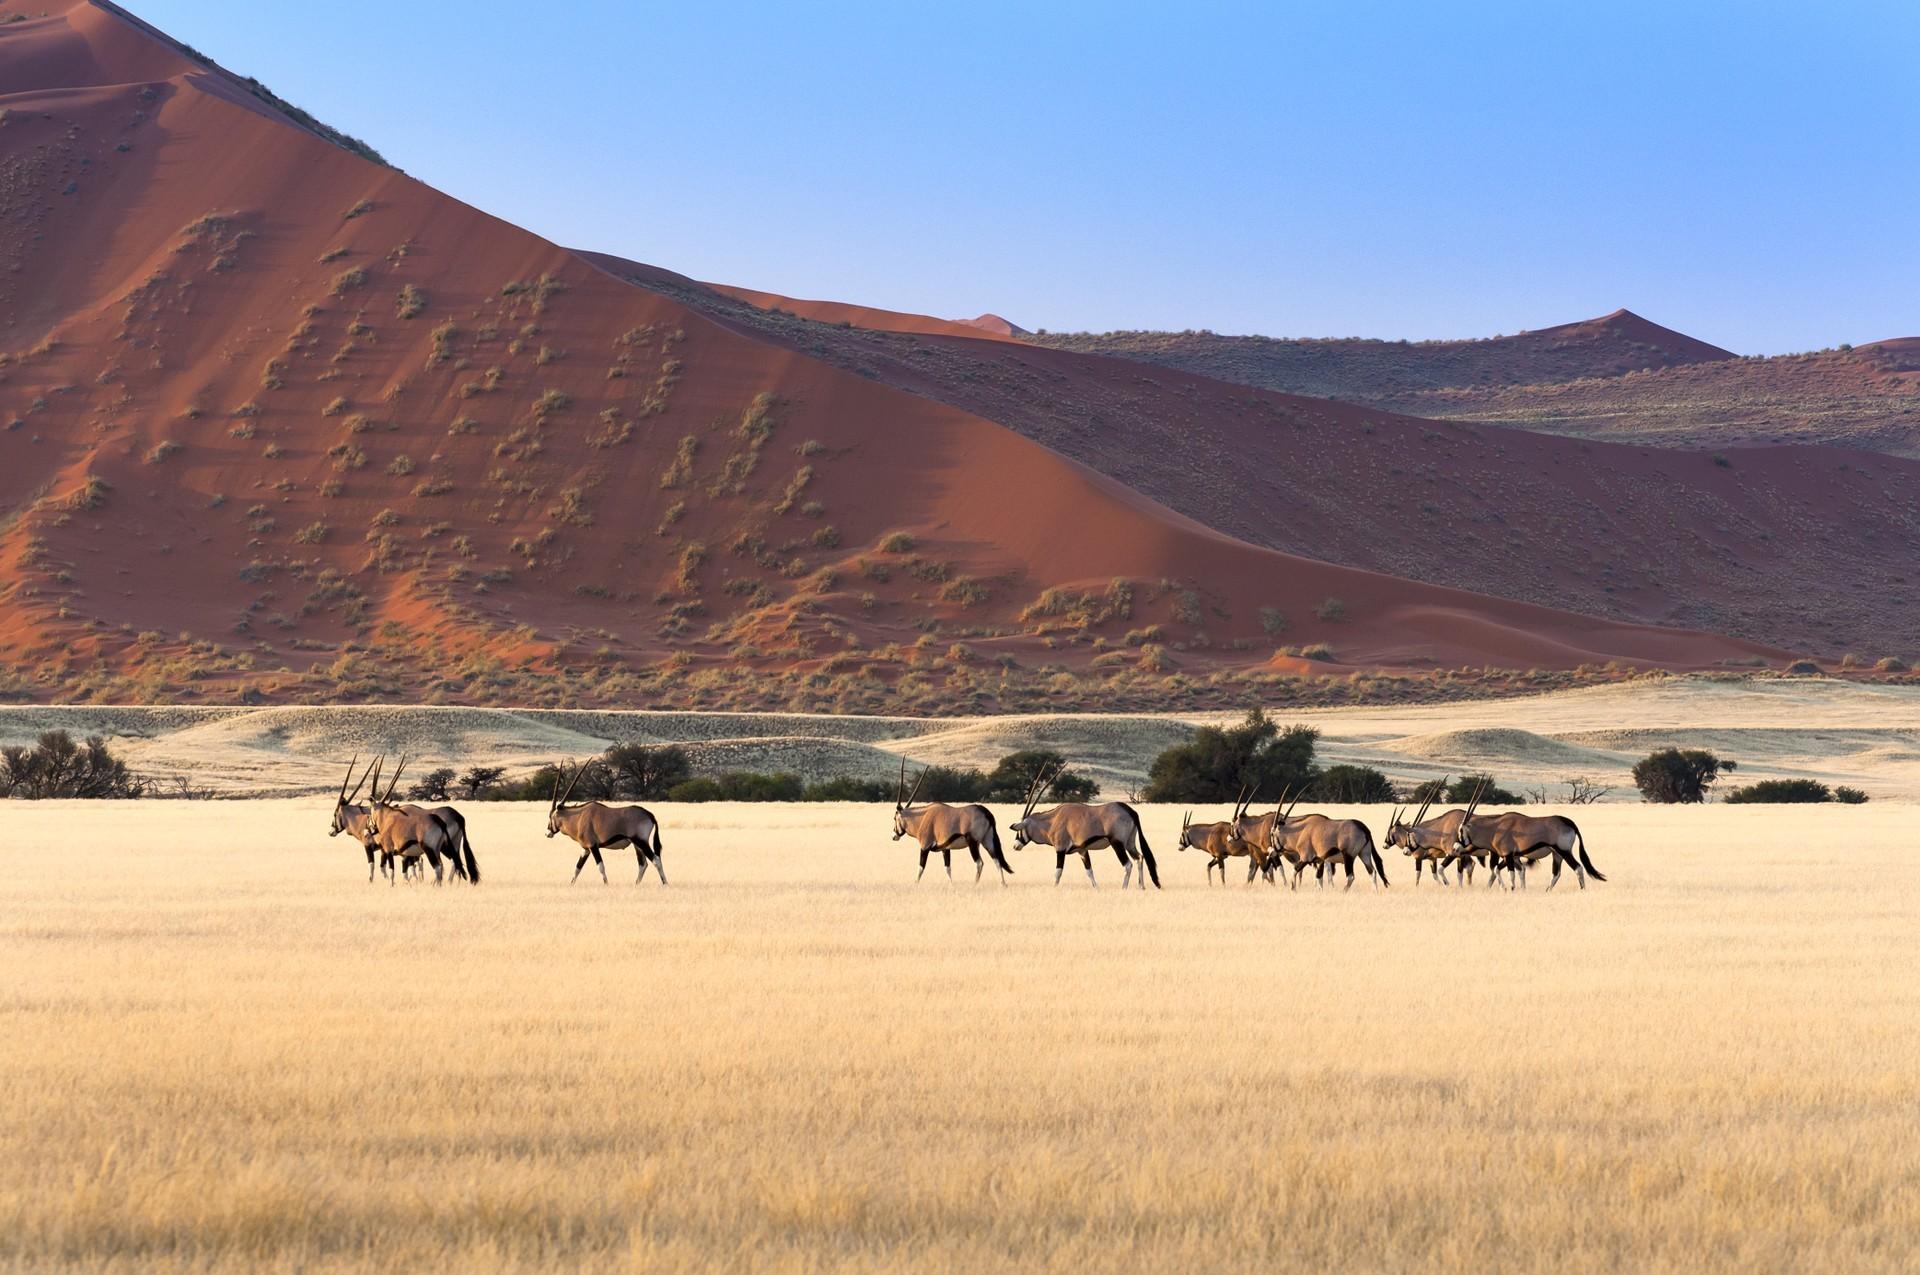 Gemsbok in Sossussvlei landscape